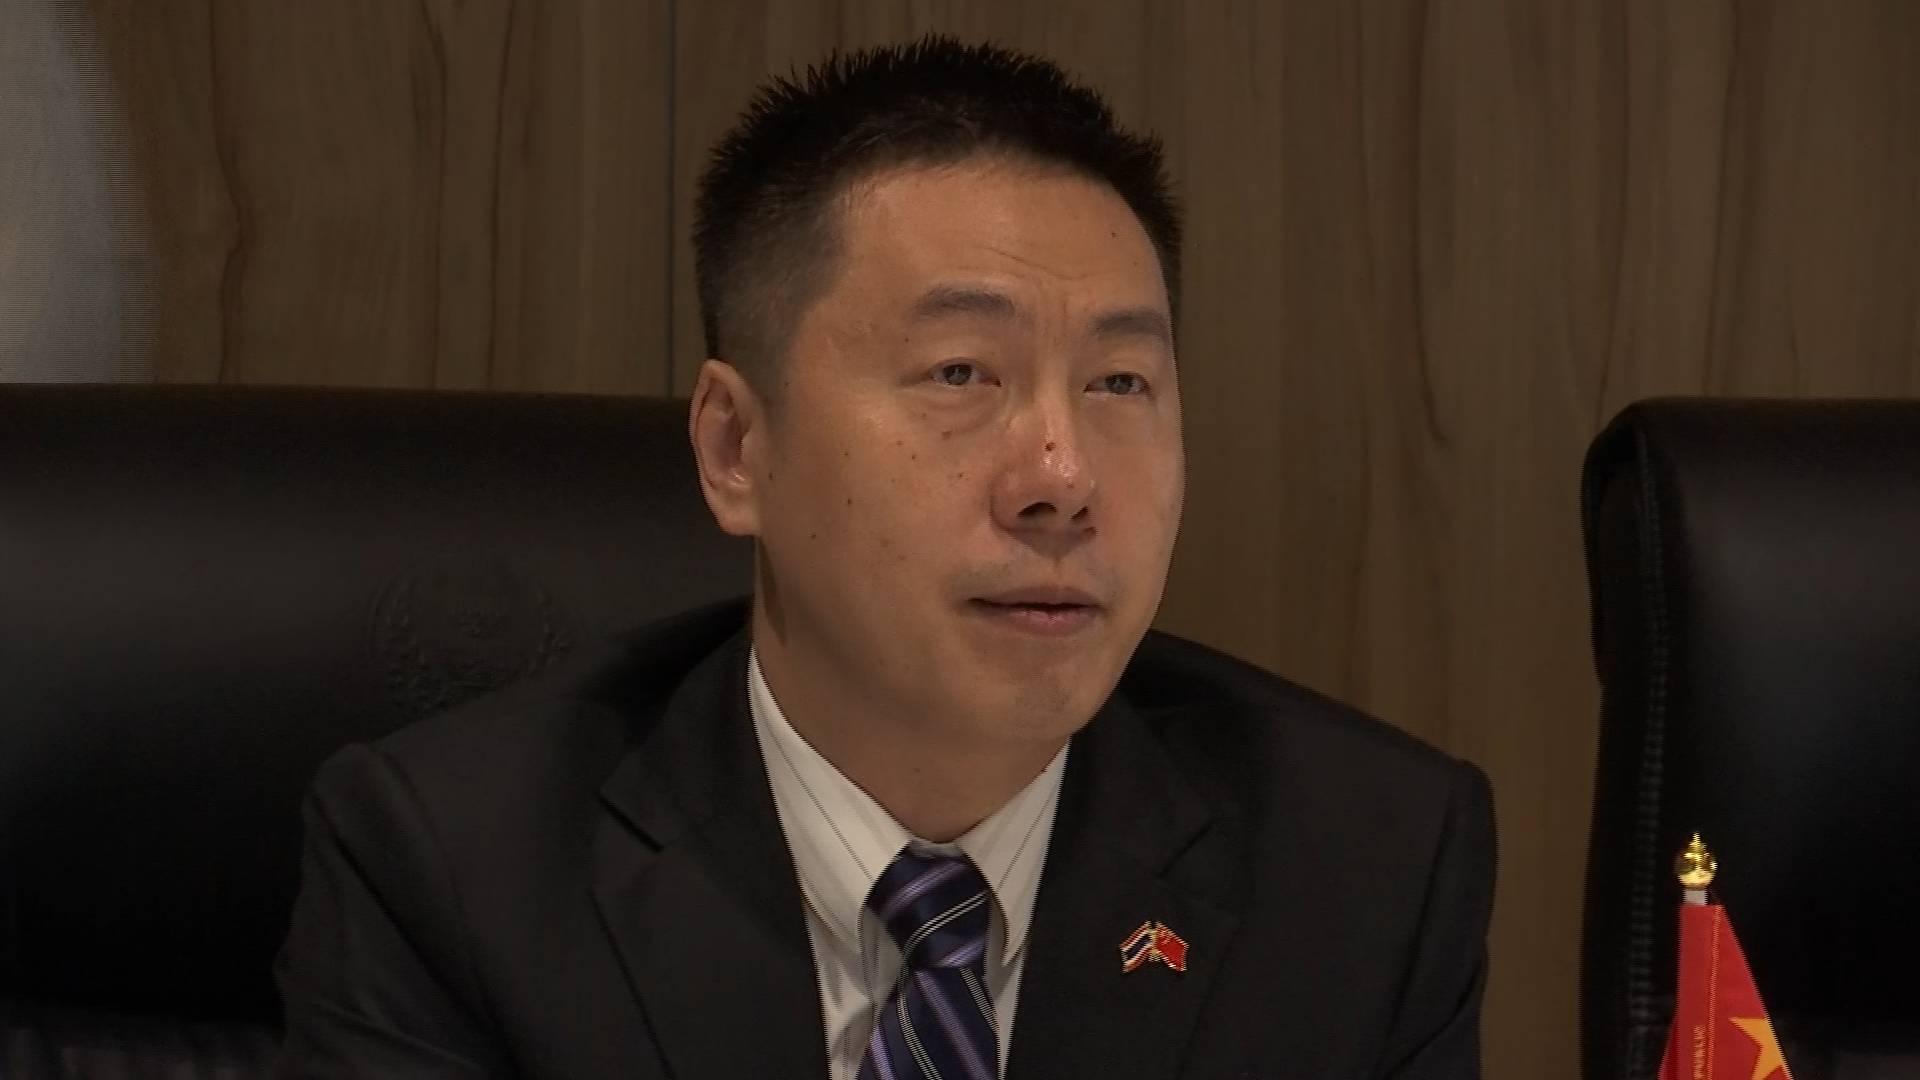 อุปทูตจีน ยันจีนสามารถควบคุมสถานการณ์ไวรัสโคโรนาได้